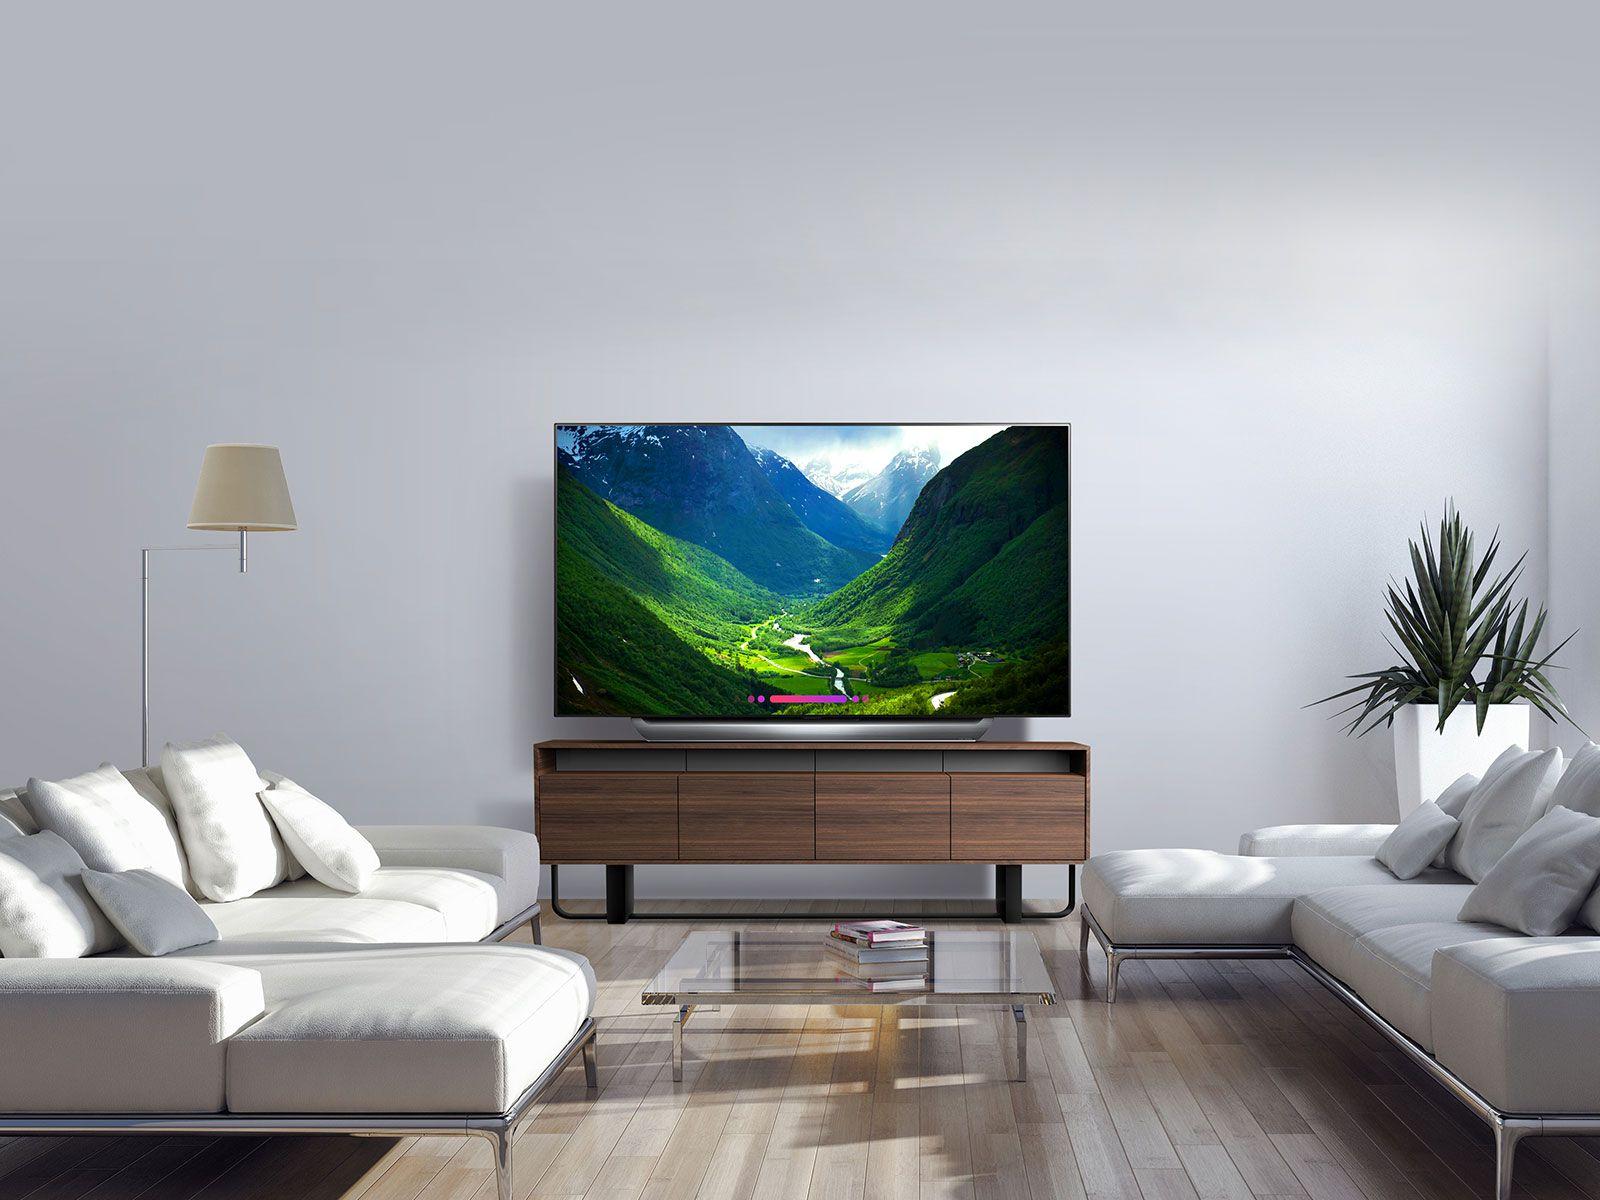 با بهترین تلویزیون های گیمینگ 2020 آشنا شوید